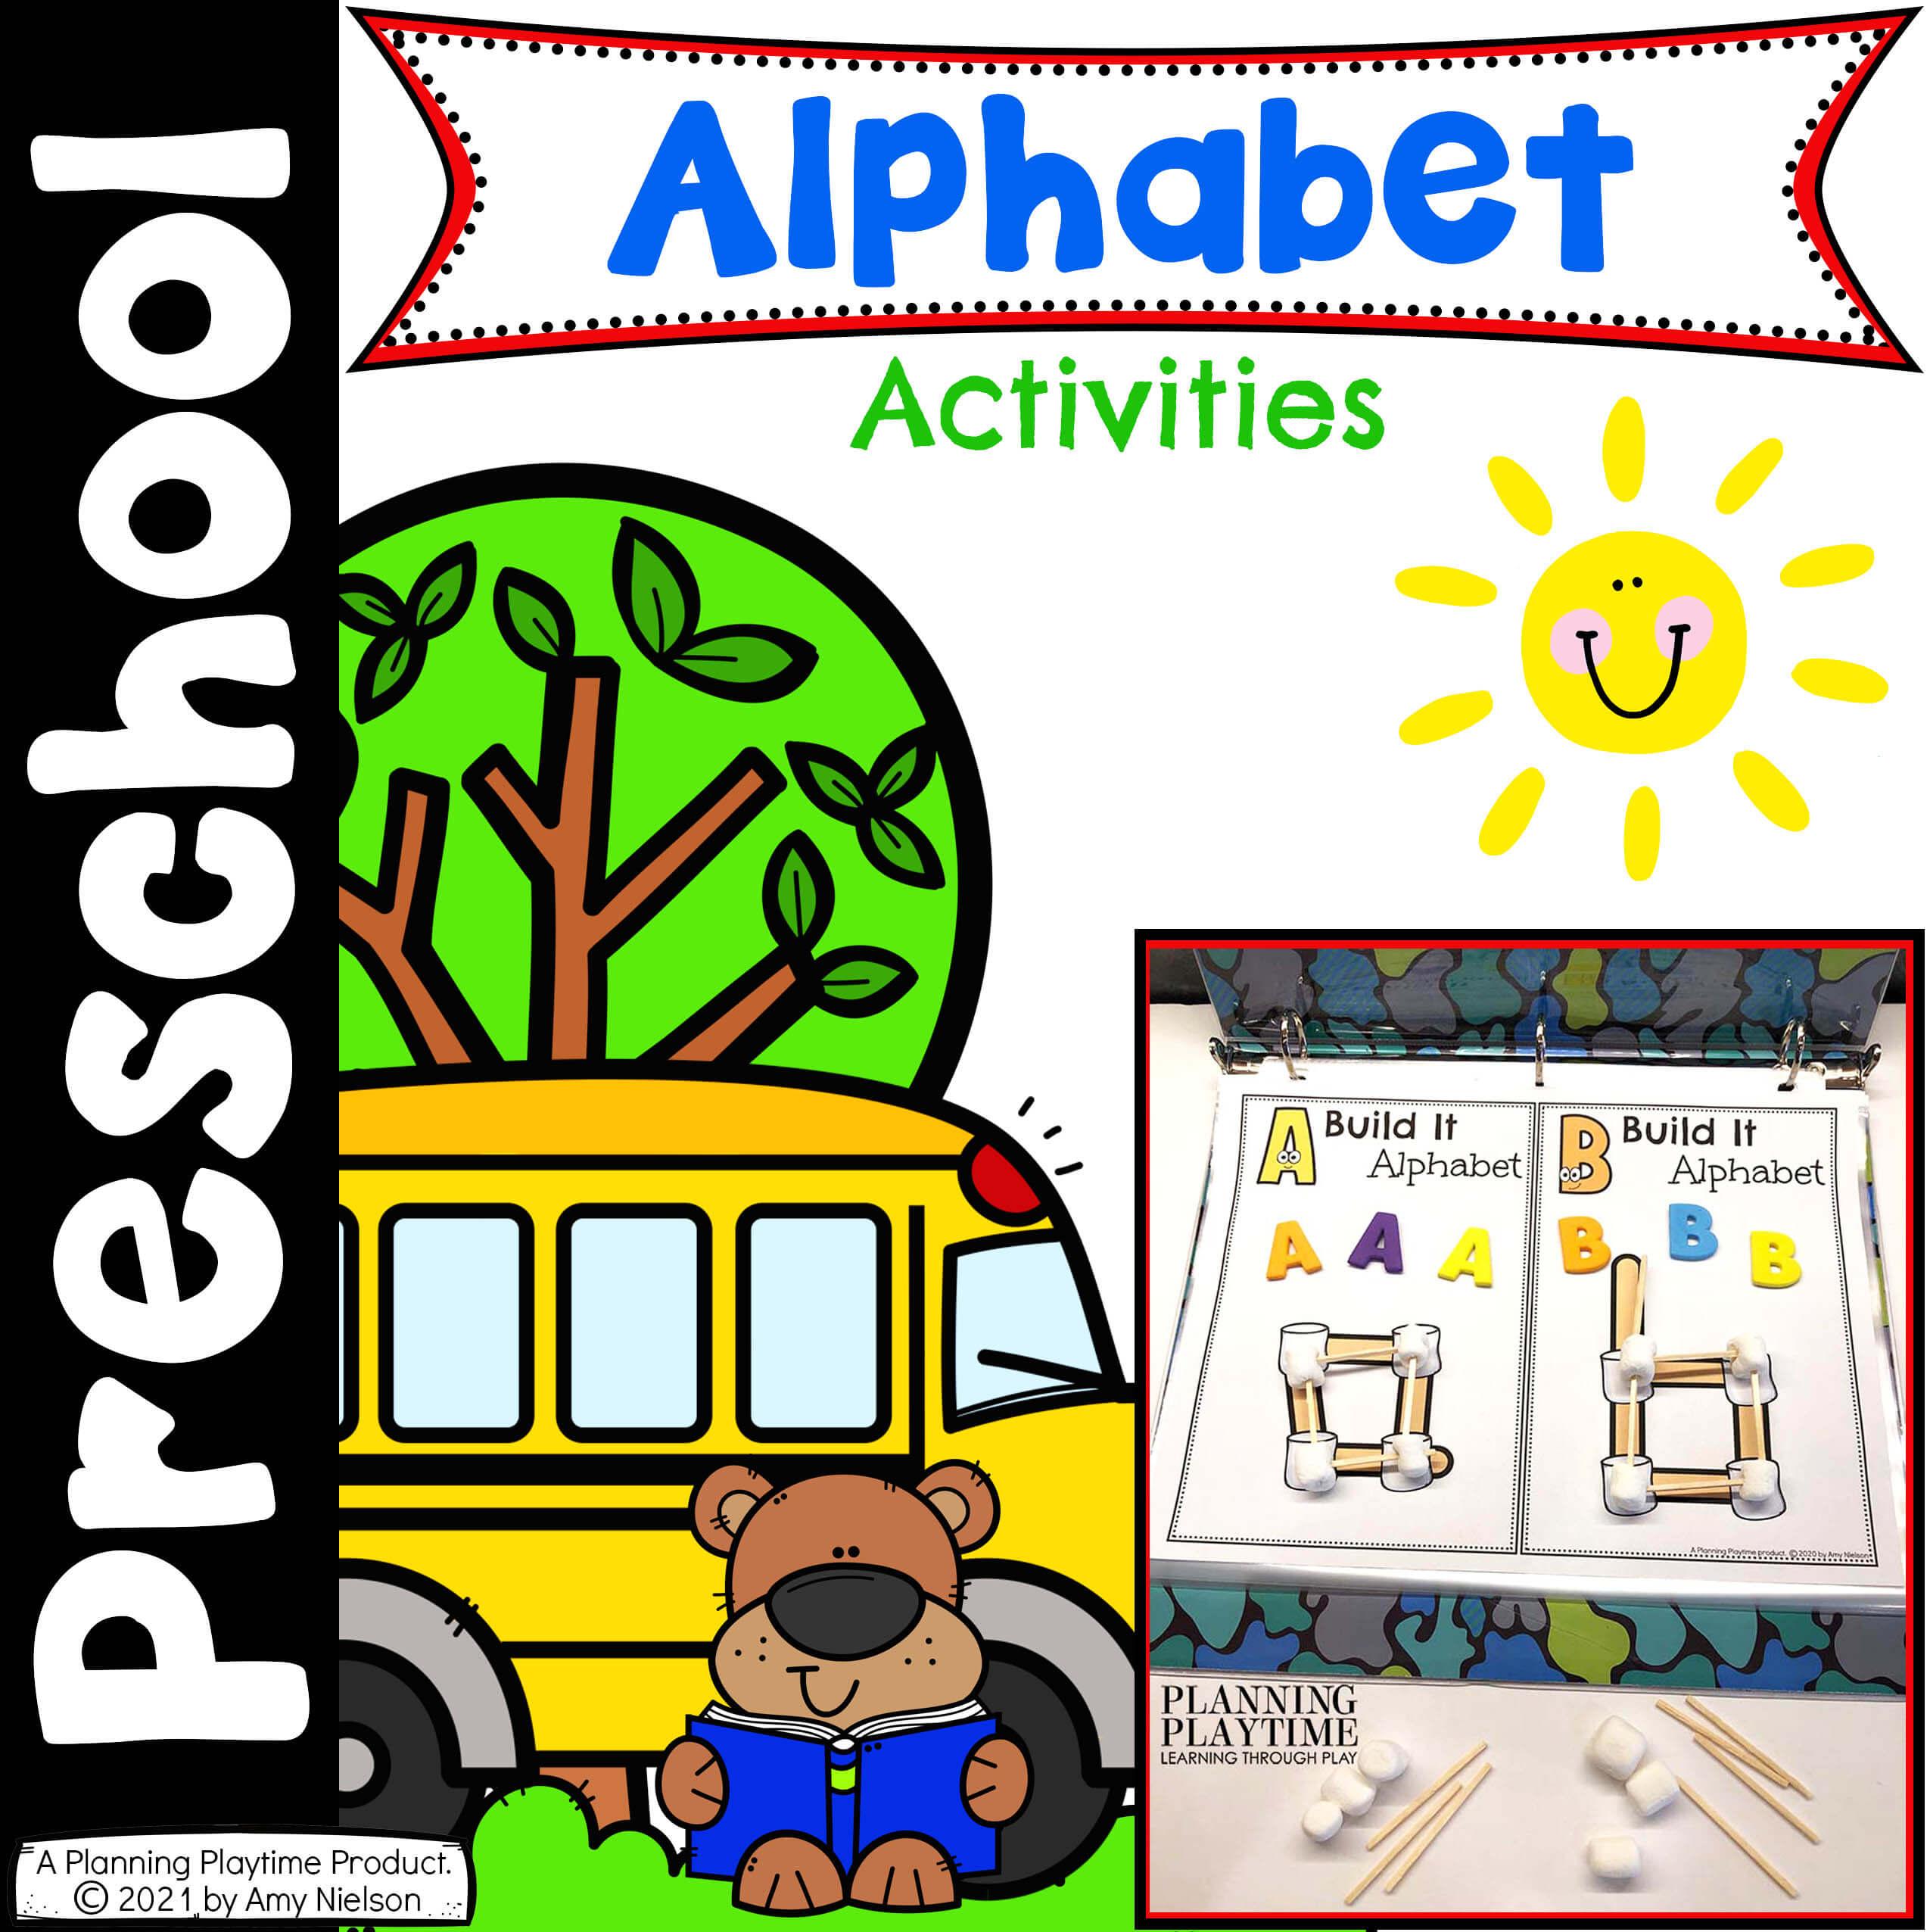 Alphabet Activities - Preschool Bundle 2021 Cover 2